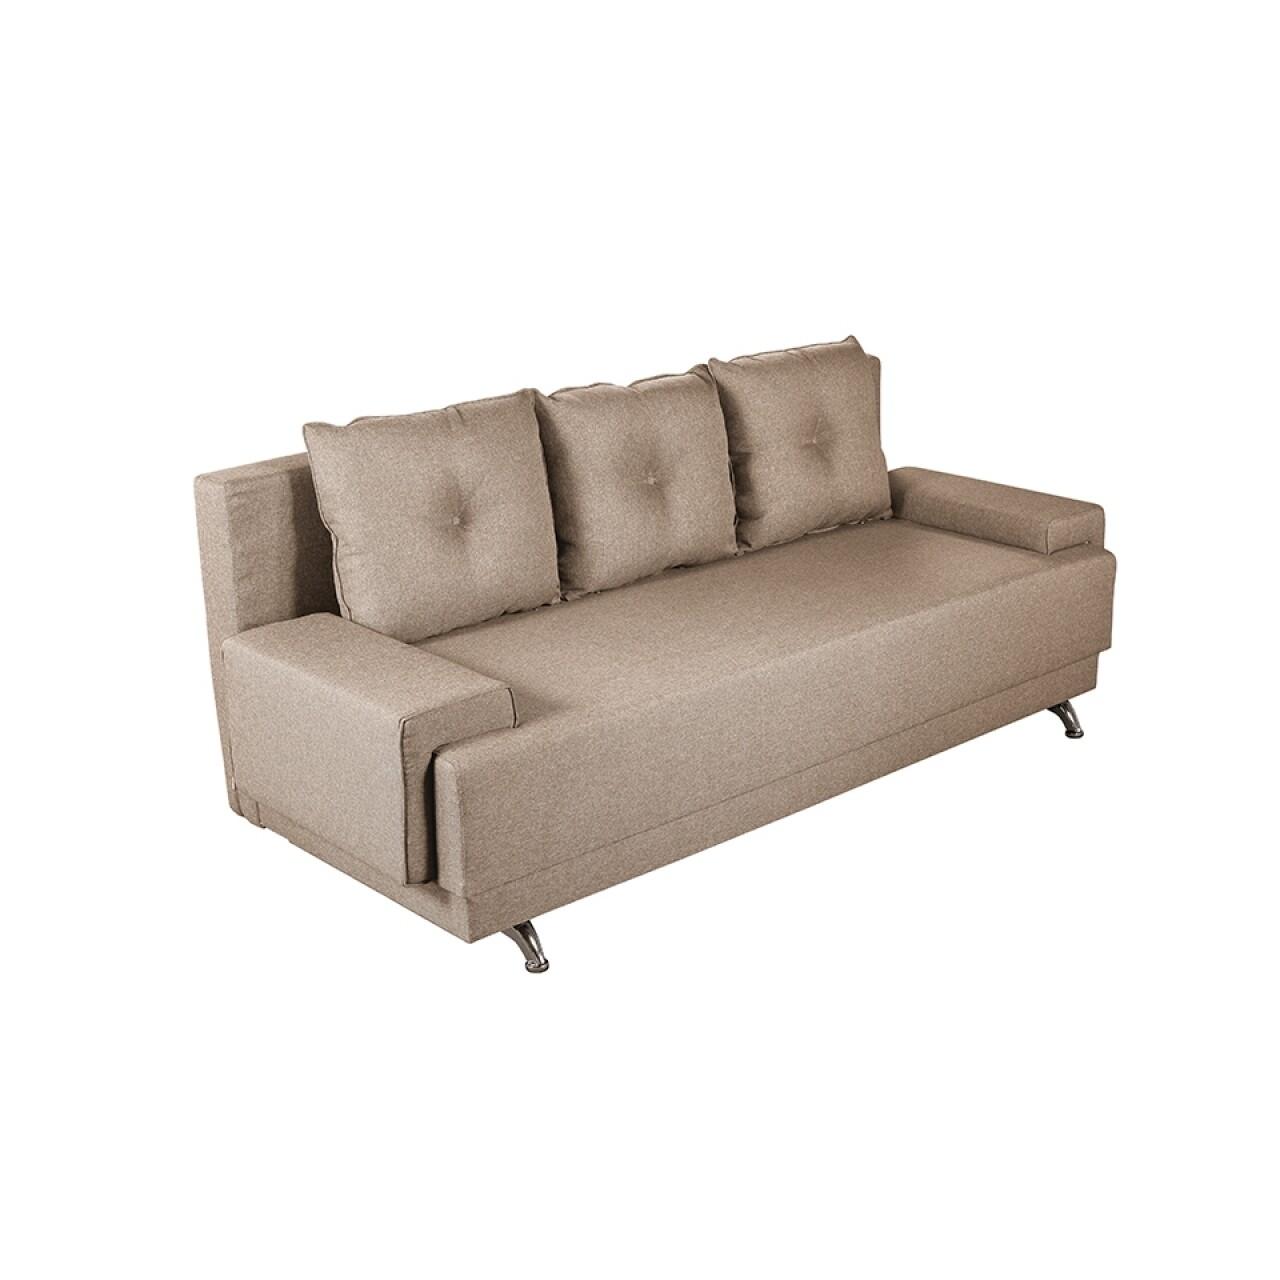 Canapea extensibila Roma Lux Beige 205x90x86 cm + ladă de depozitare, bej